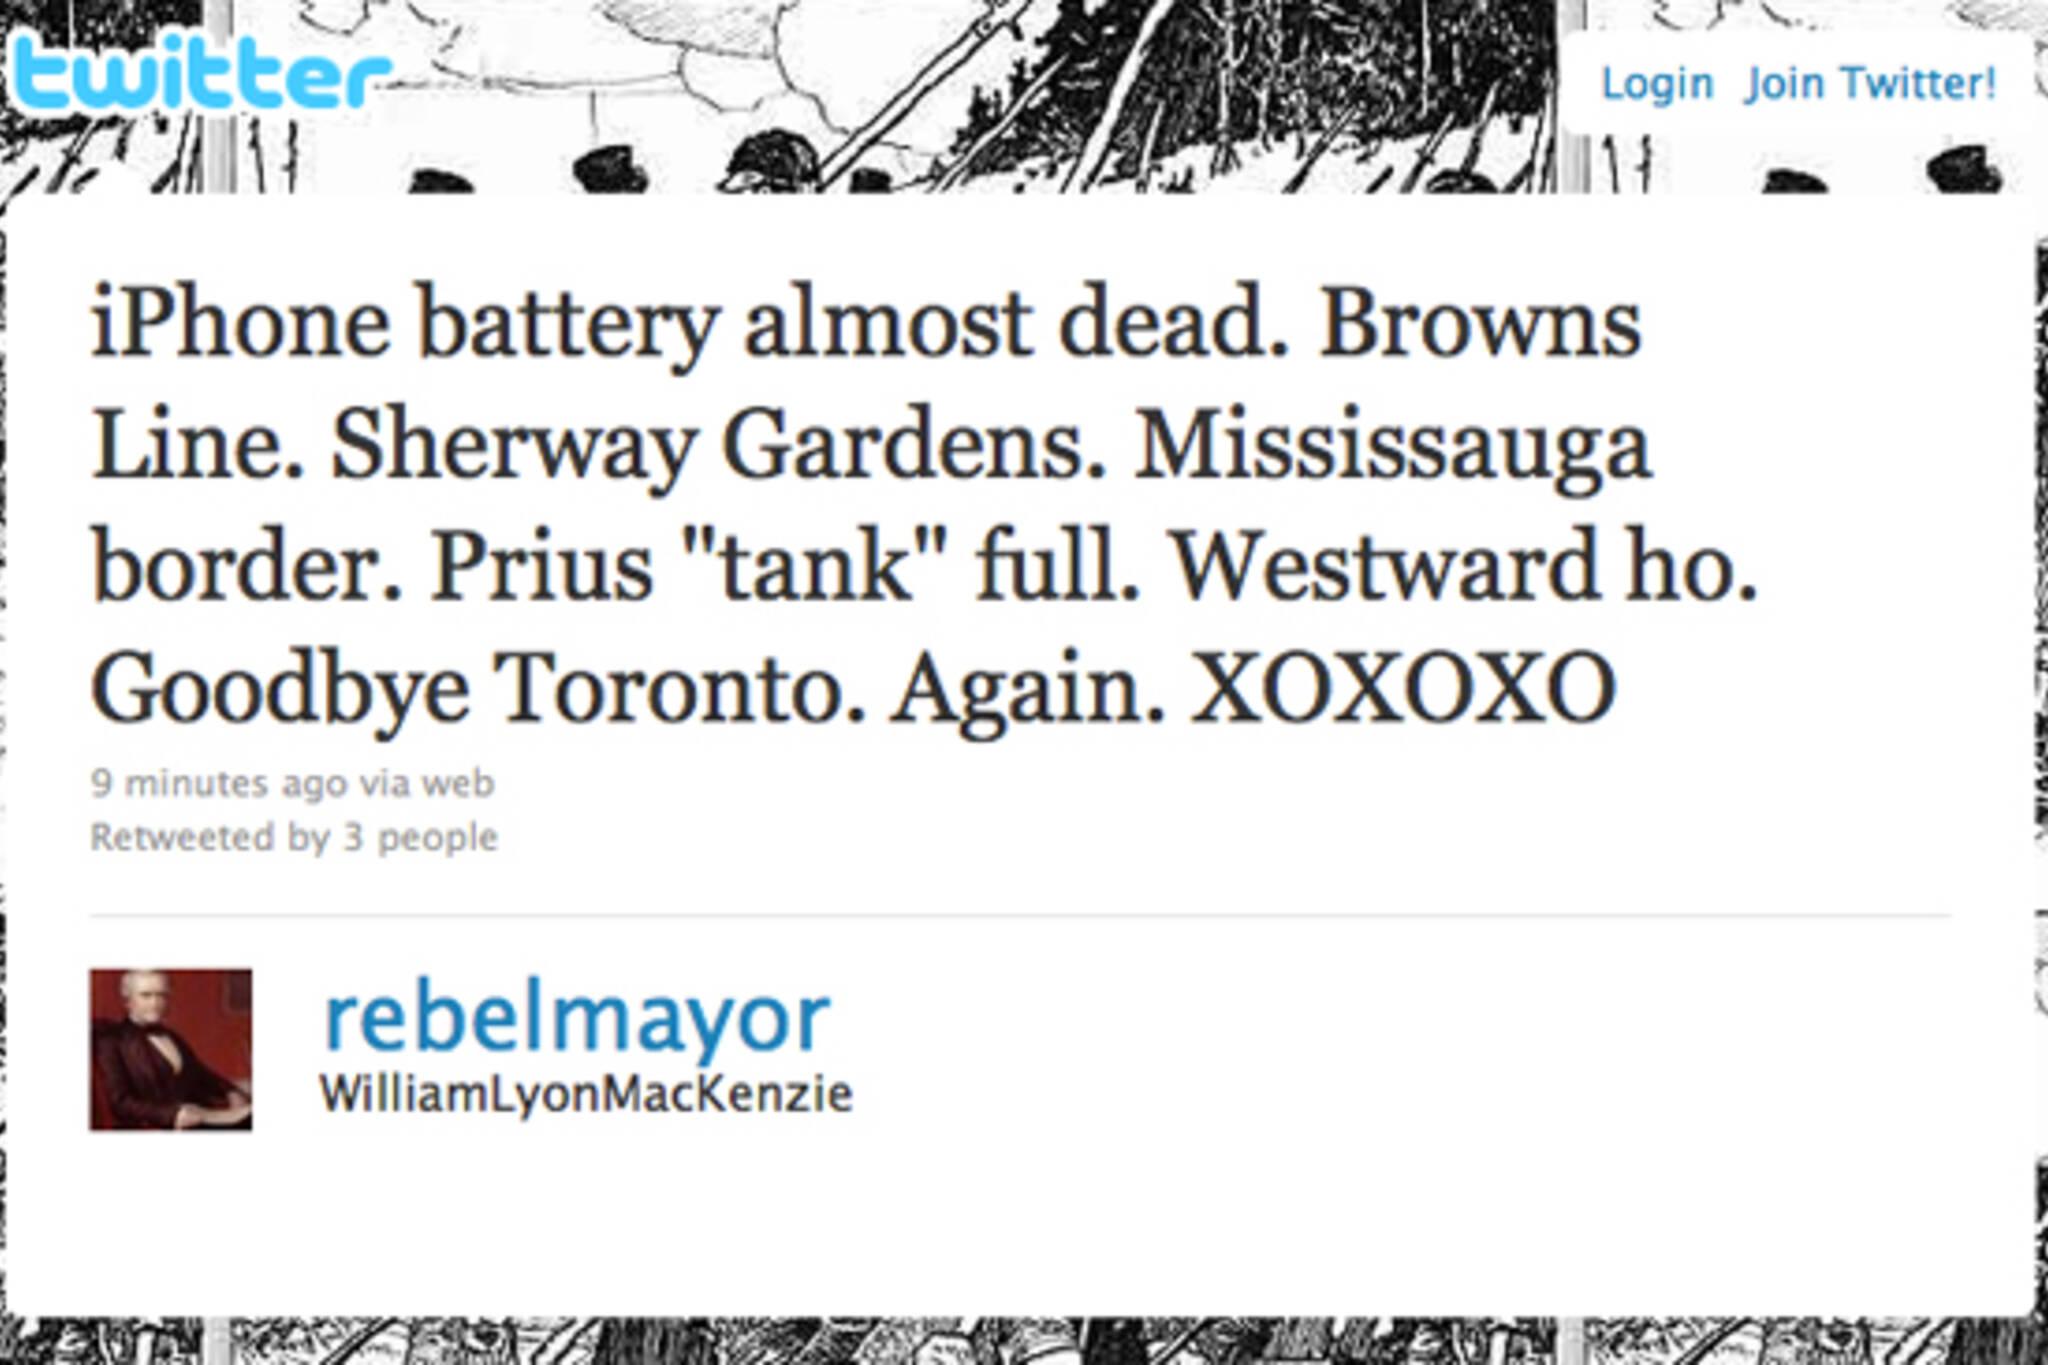 @rebelmayor Shawn Micallef